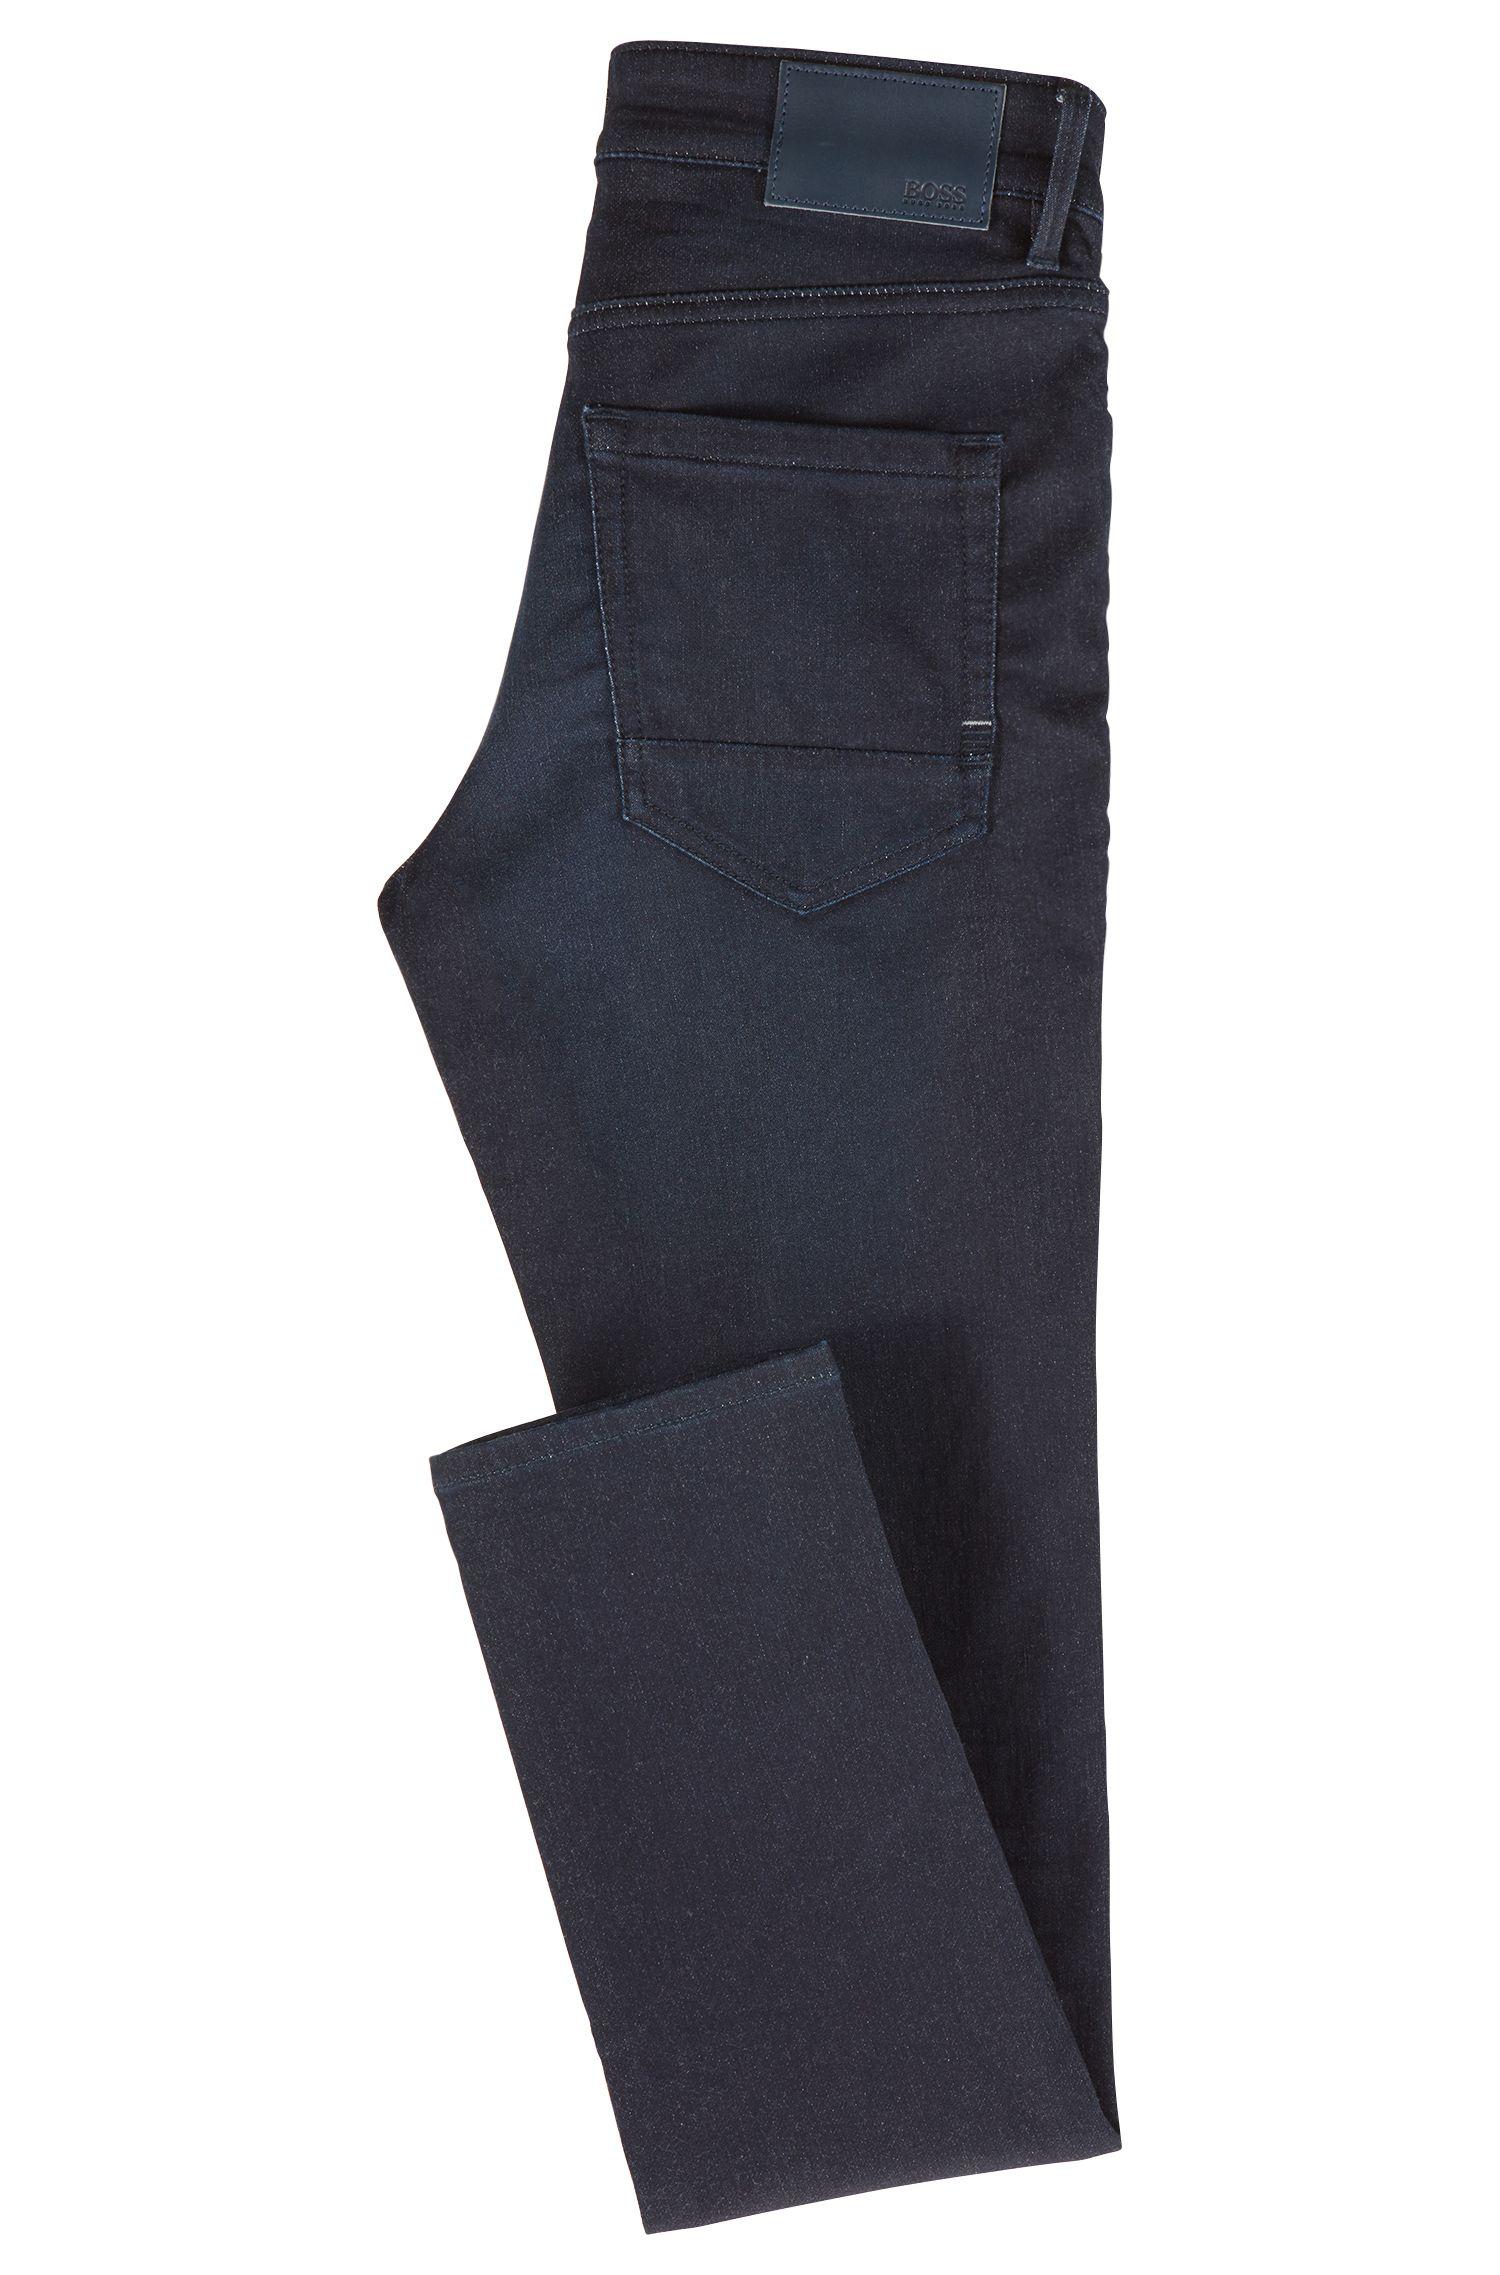 Vaqueros skinny fit en punto de mezcla de algodón elástico, Azul oscuro